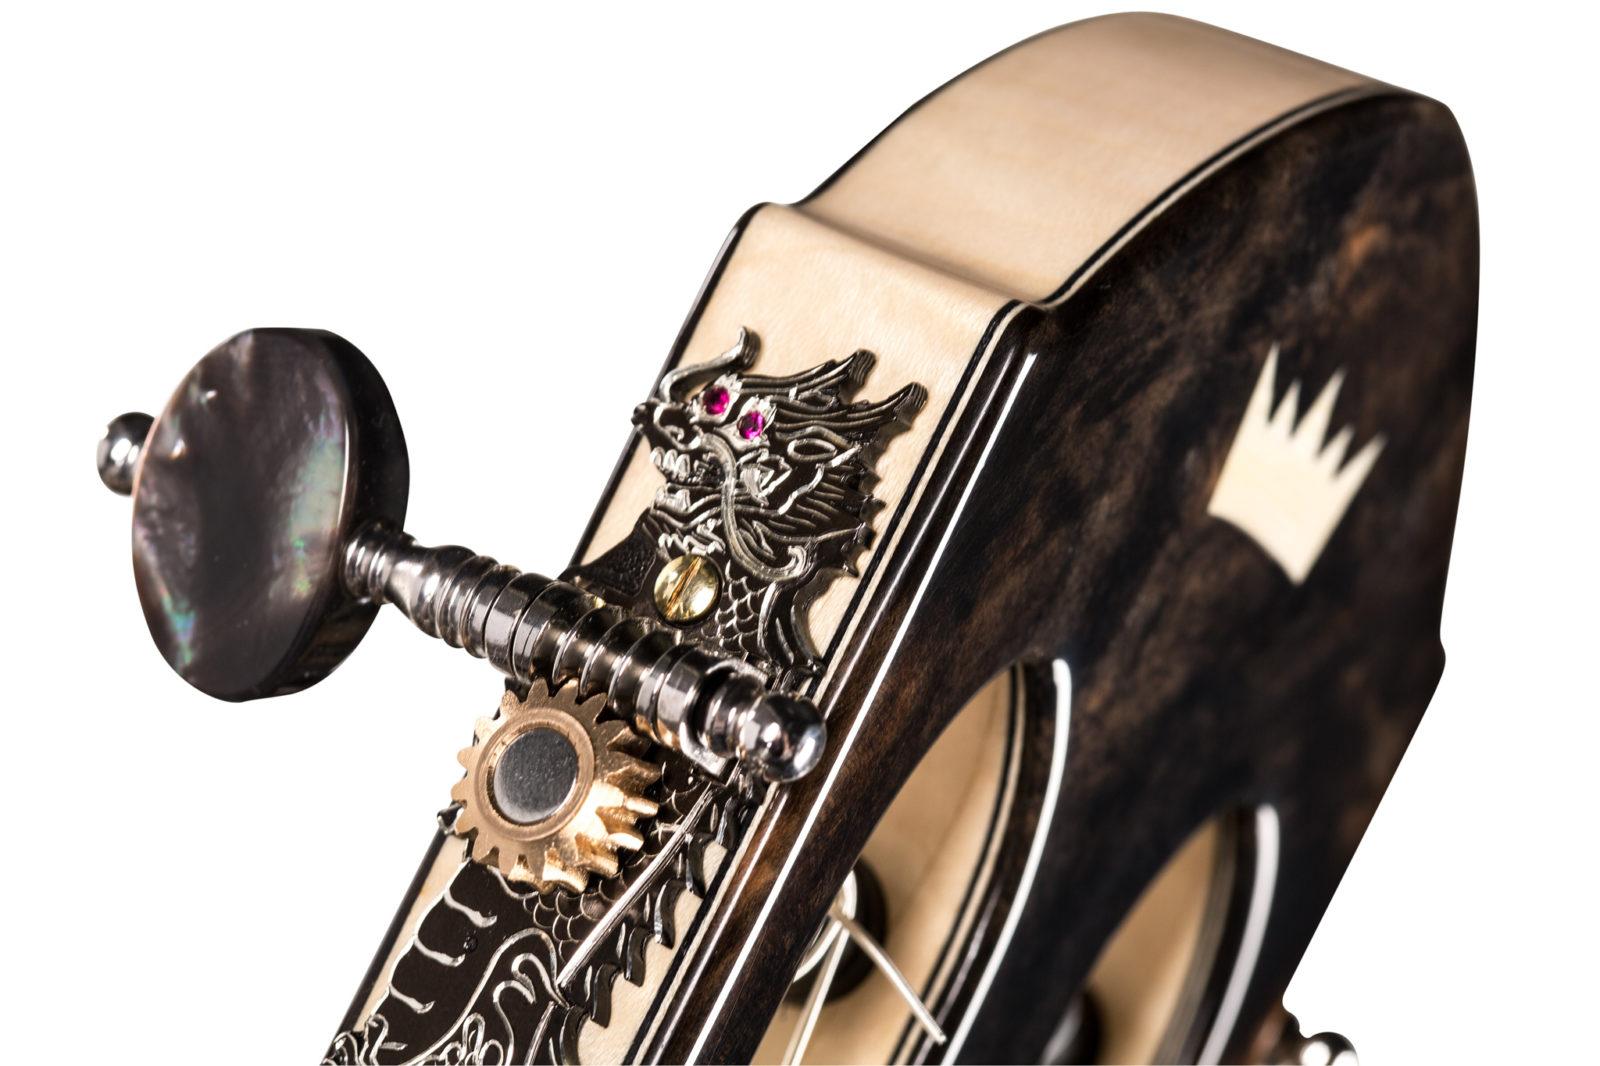 Handmade Guitar Tuning Machines